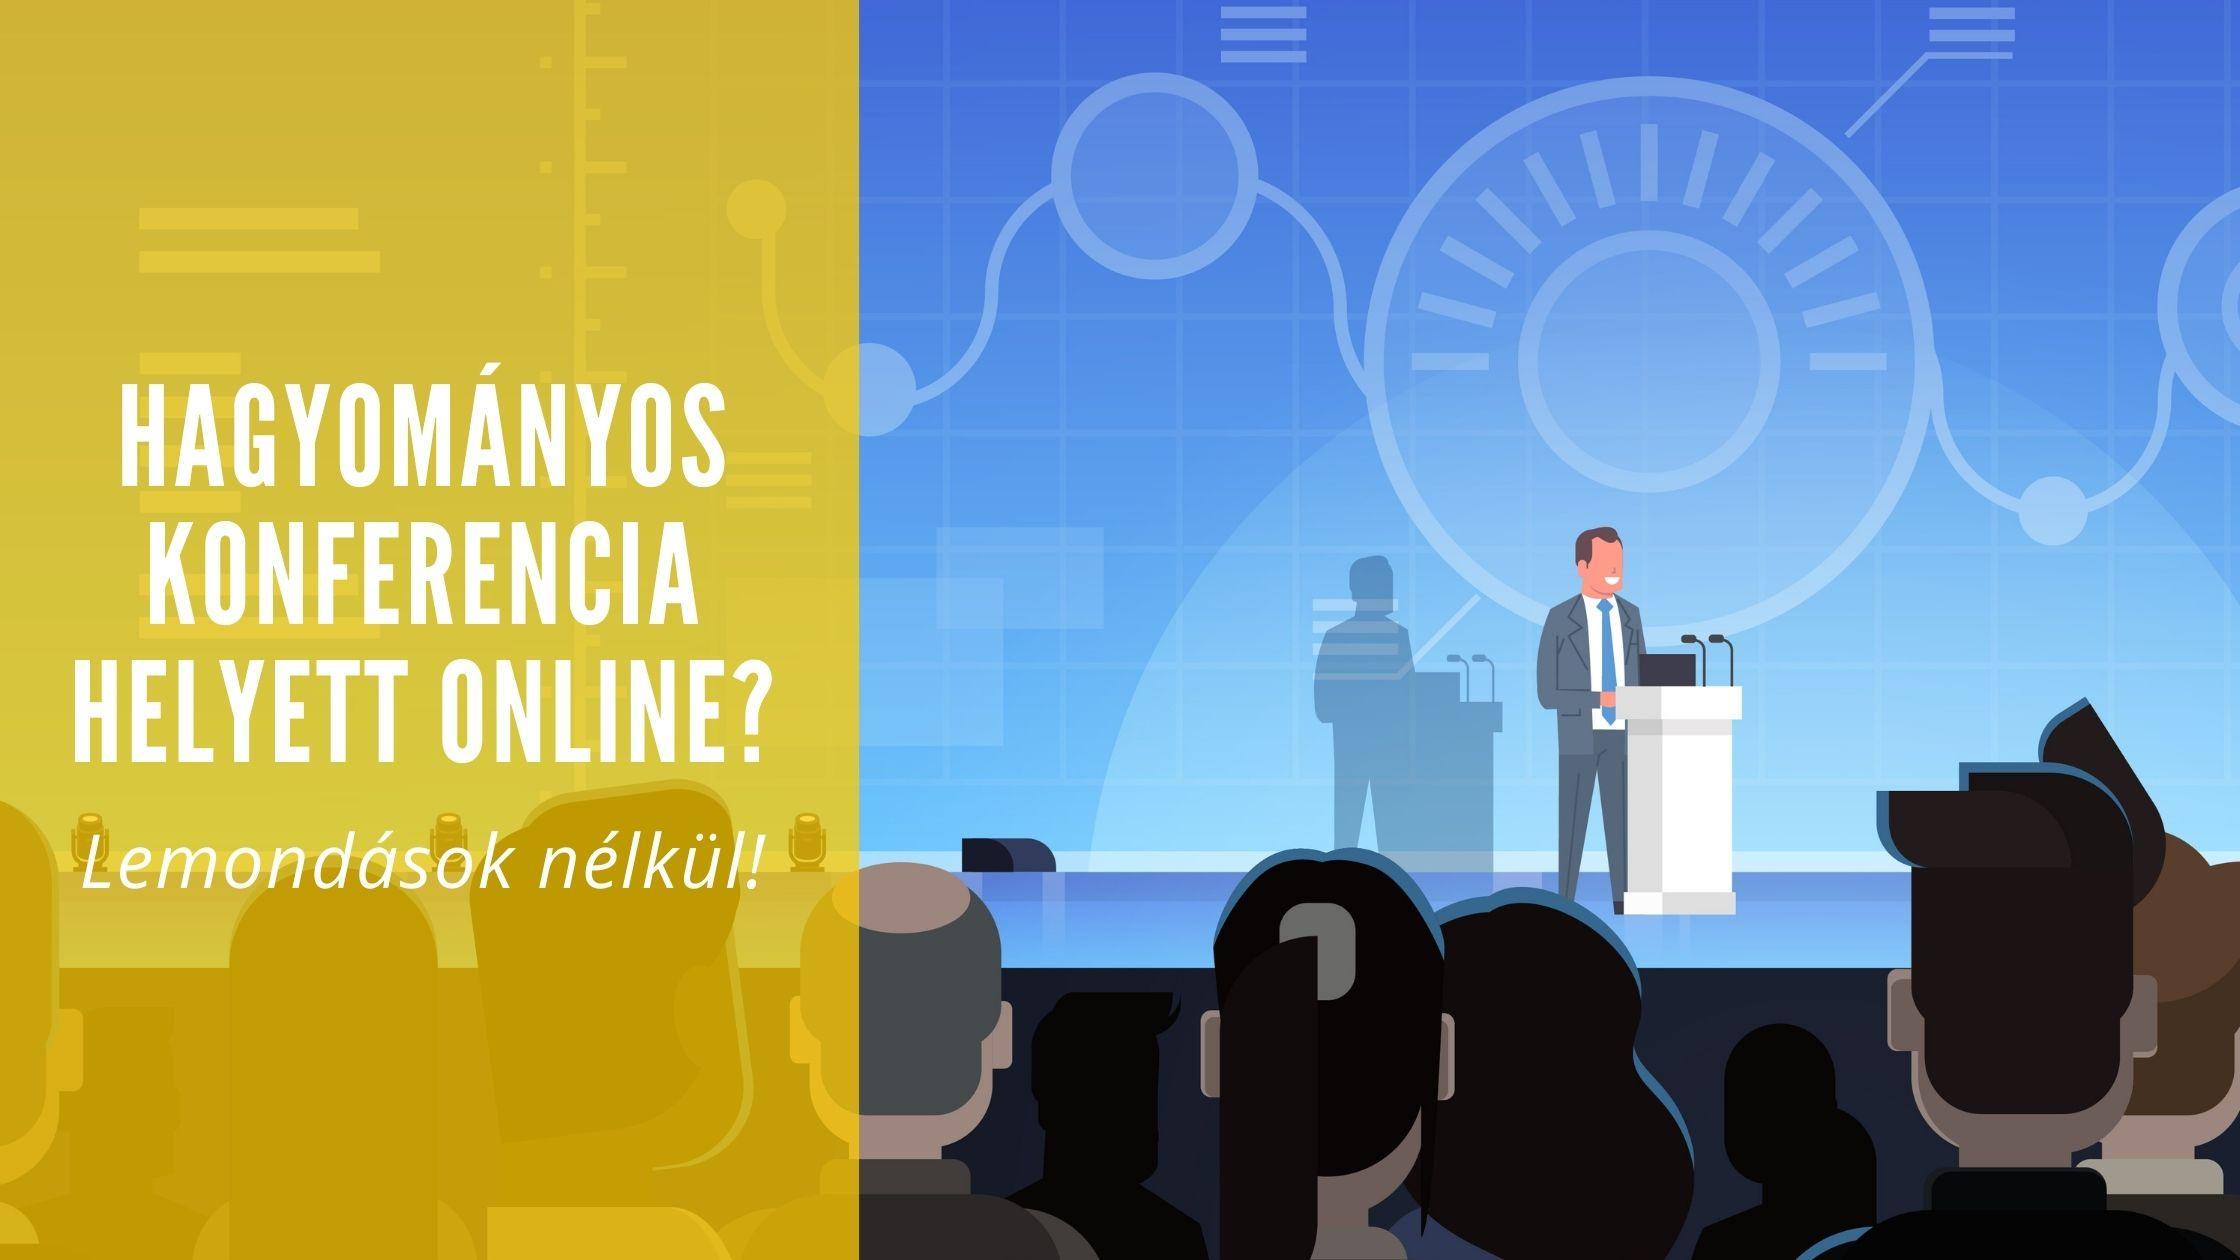 Hagyományos konferencia helyett online